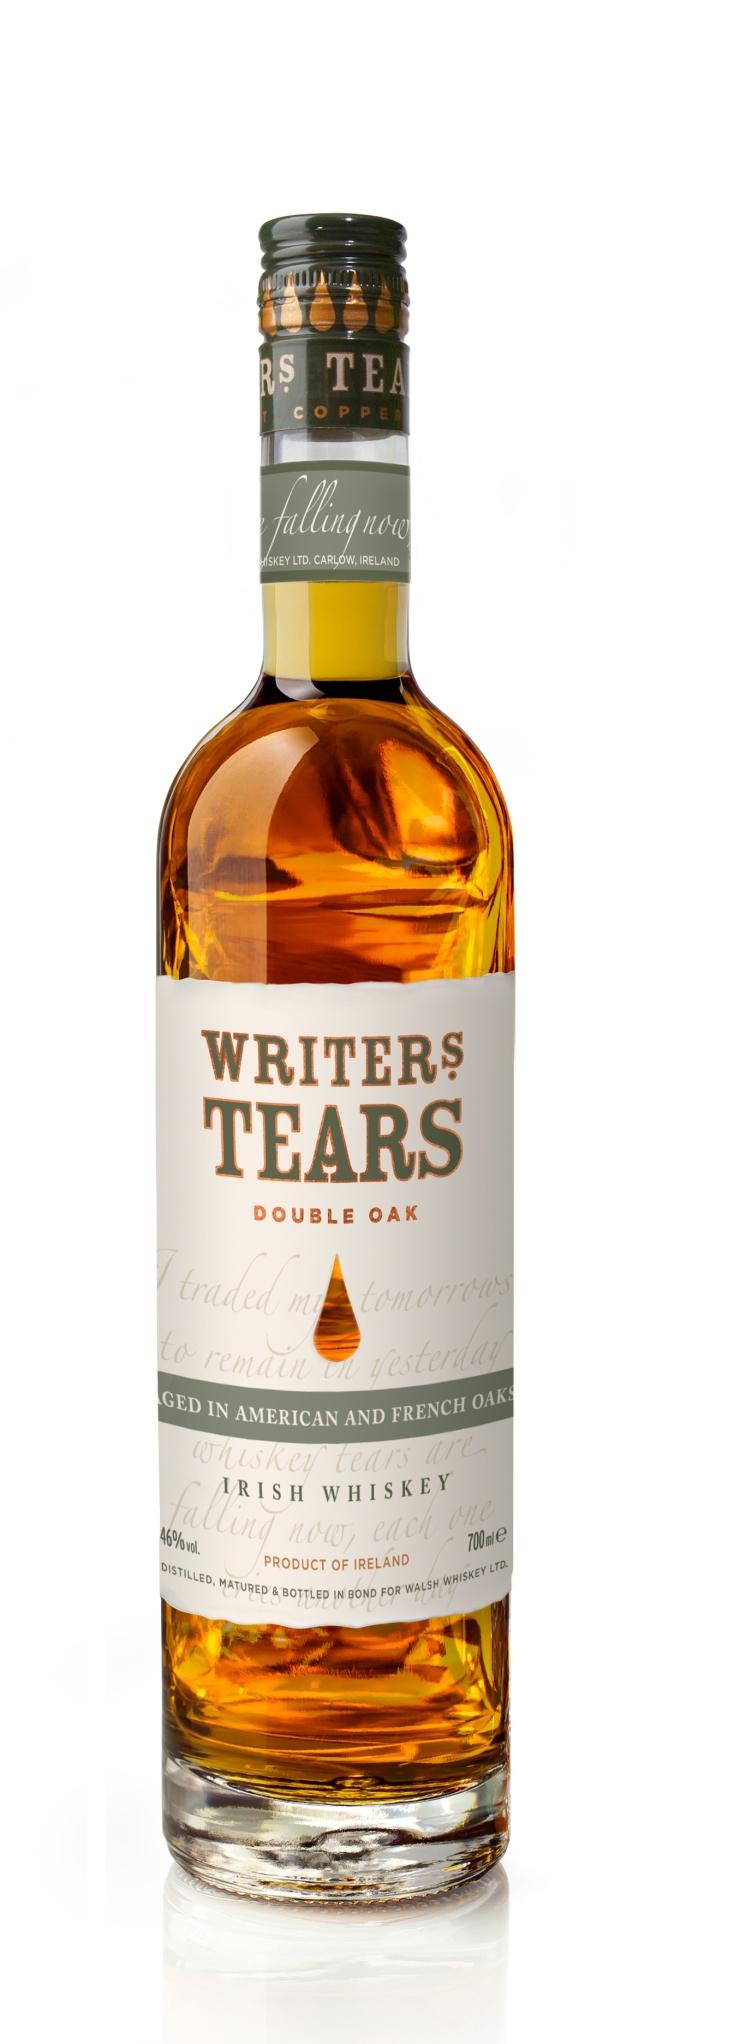 14853-WWD-Writers-Tears-Double-Oak-Bottle-Mockup